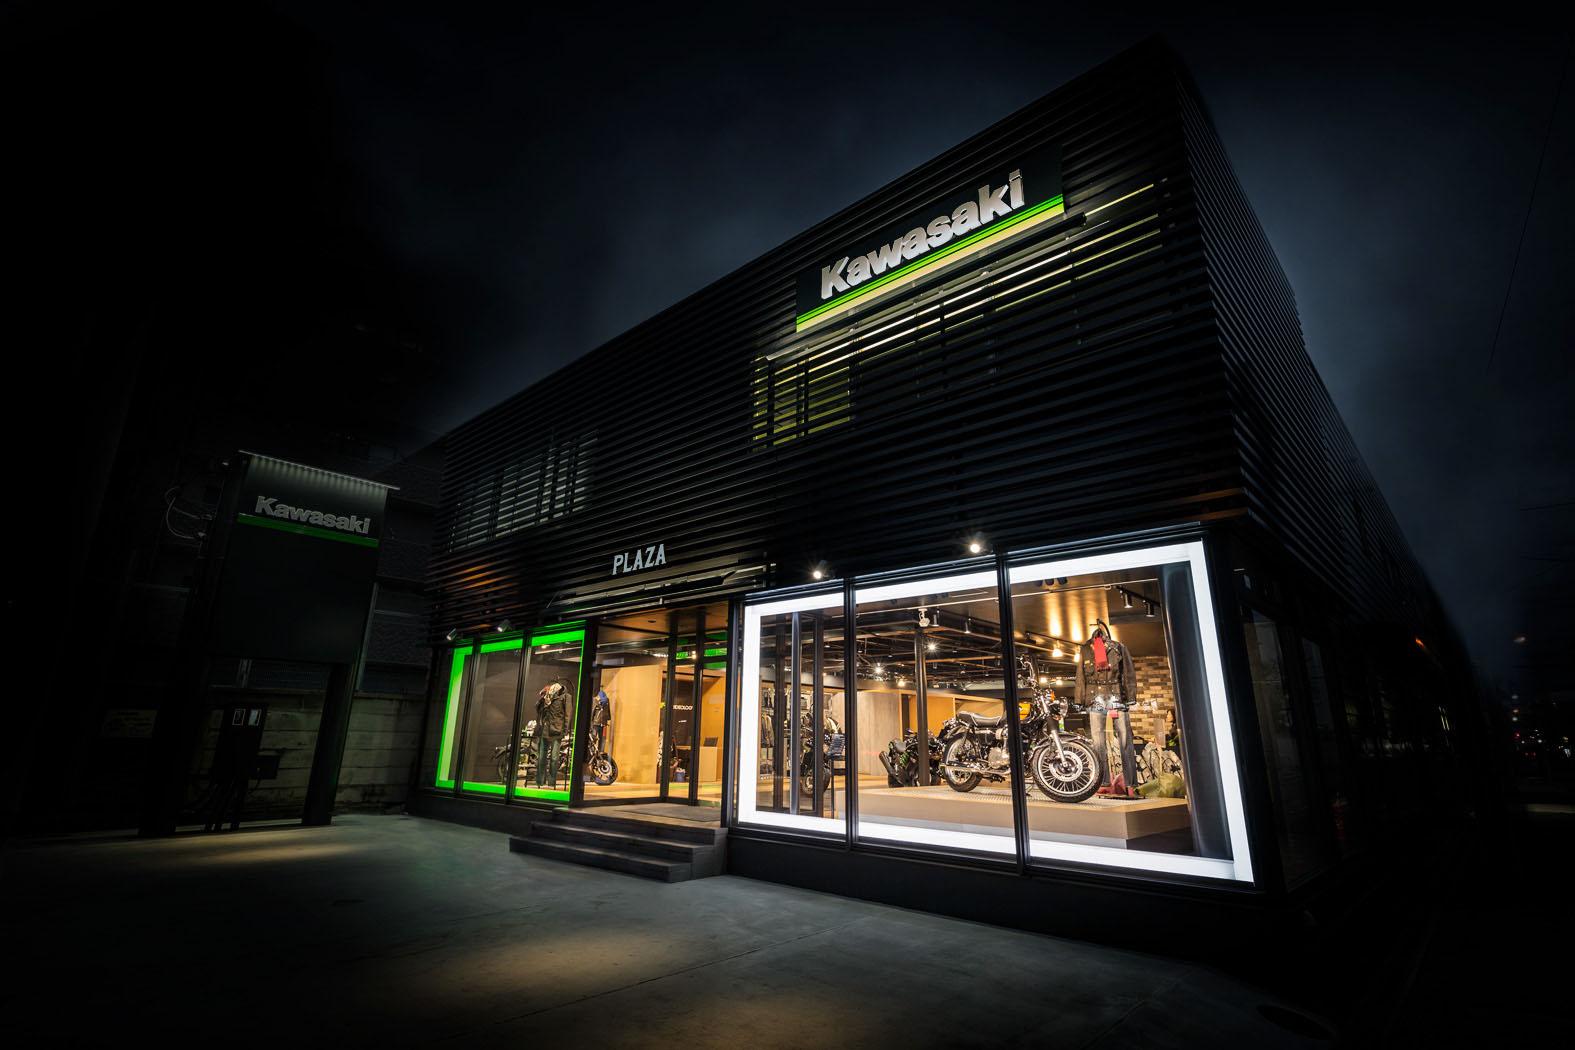 カワサキプラザネットワーク50店舗目 2019年9月 新潟、神奈川2店舗オープン